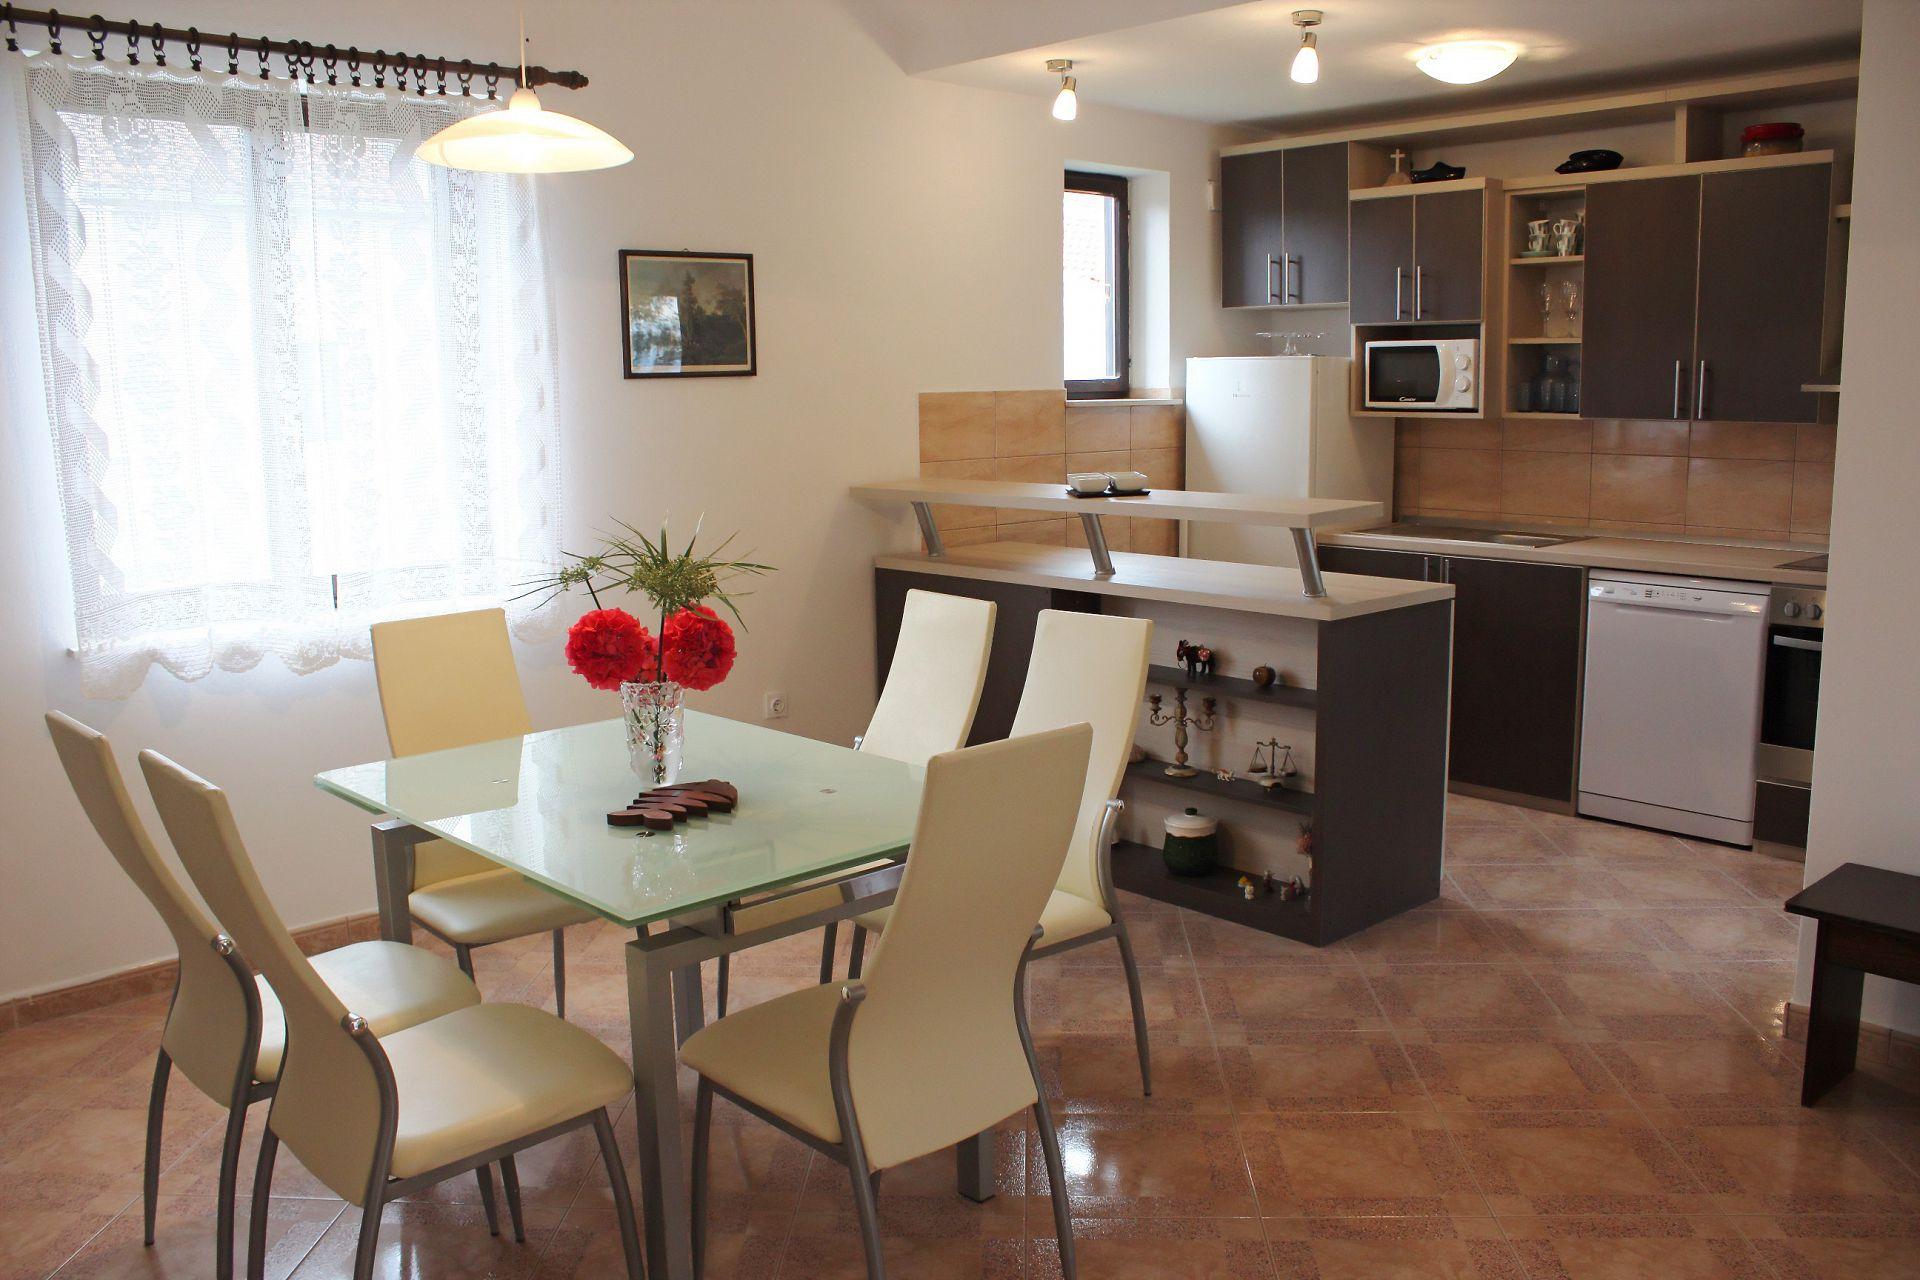 35506 - Mirca - Appartamenti Croazia - A(4+1): la cucina con la sala da pranzo